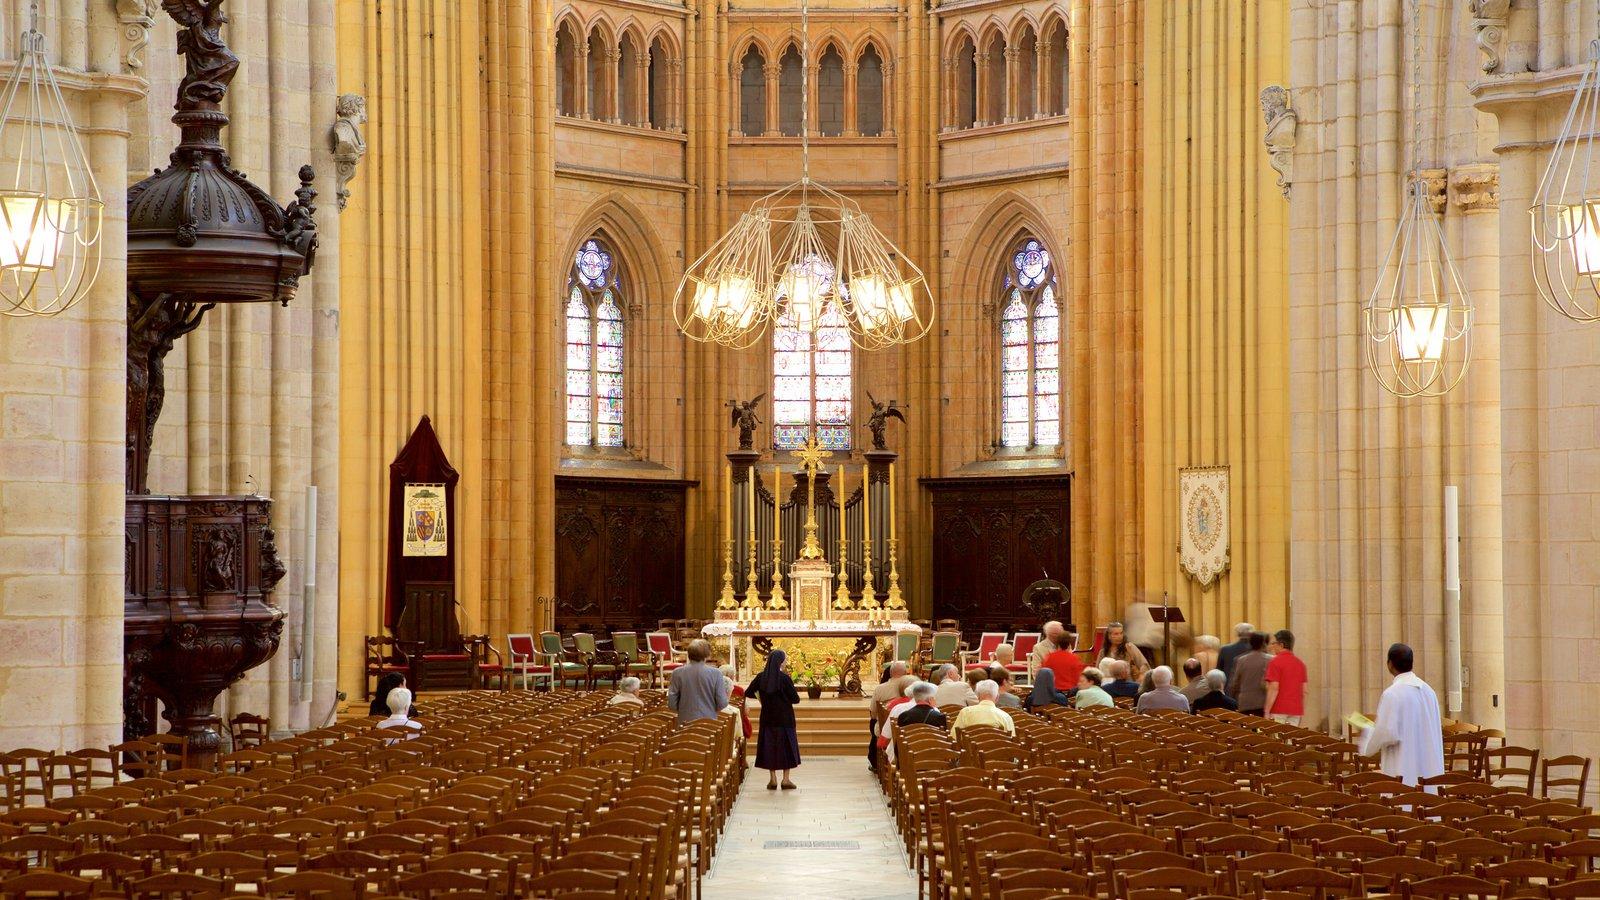 Catedral de Dijon que inclui uma igreja ou catedral, elementos de patrimônio e vistas internas